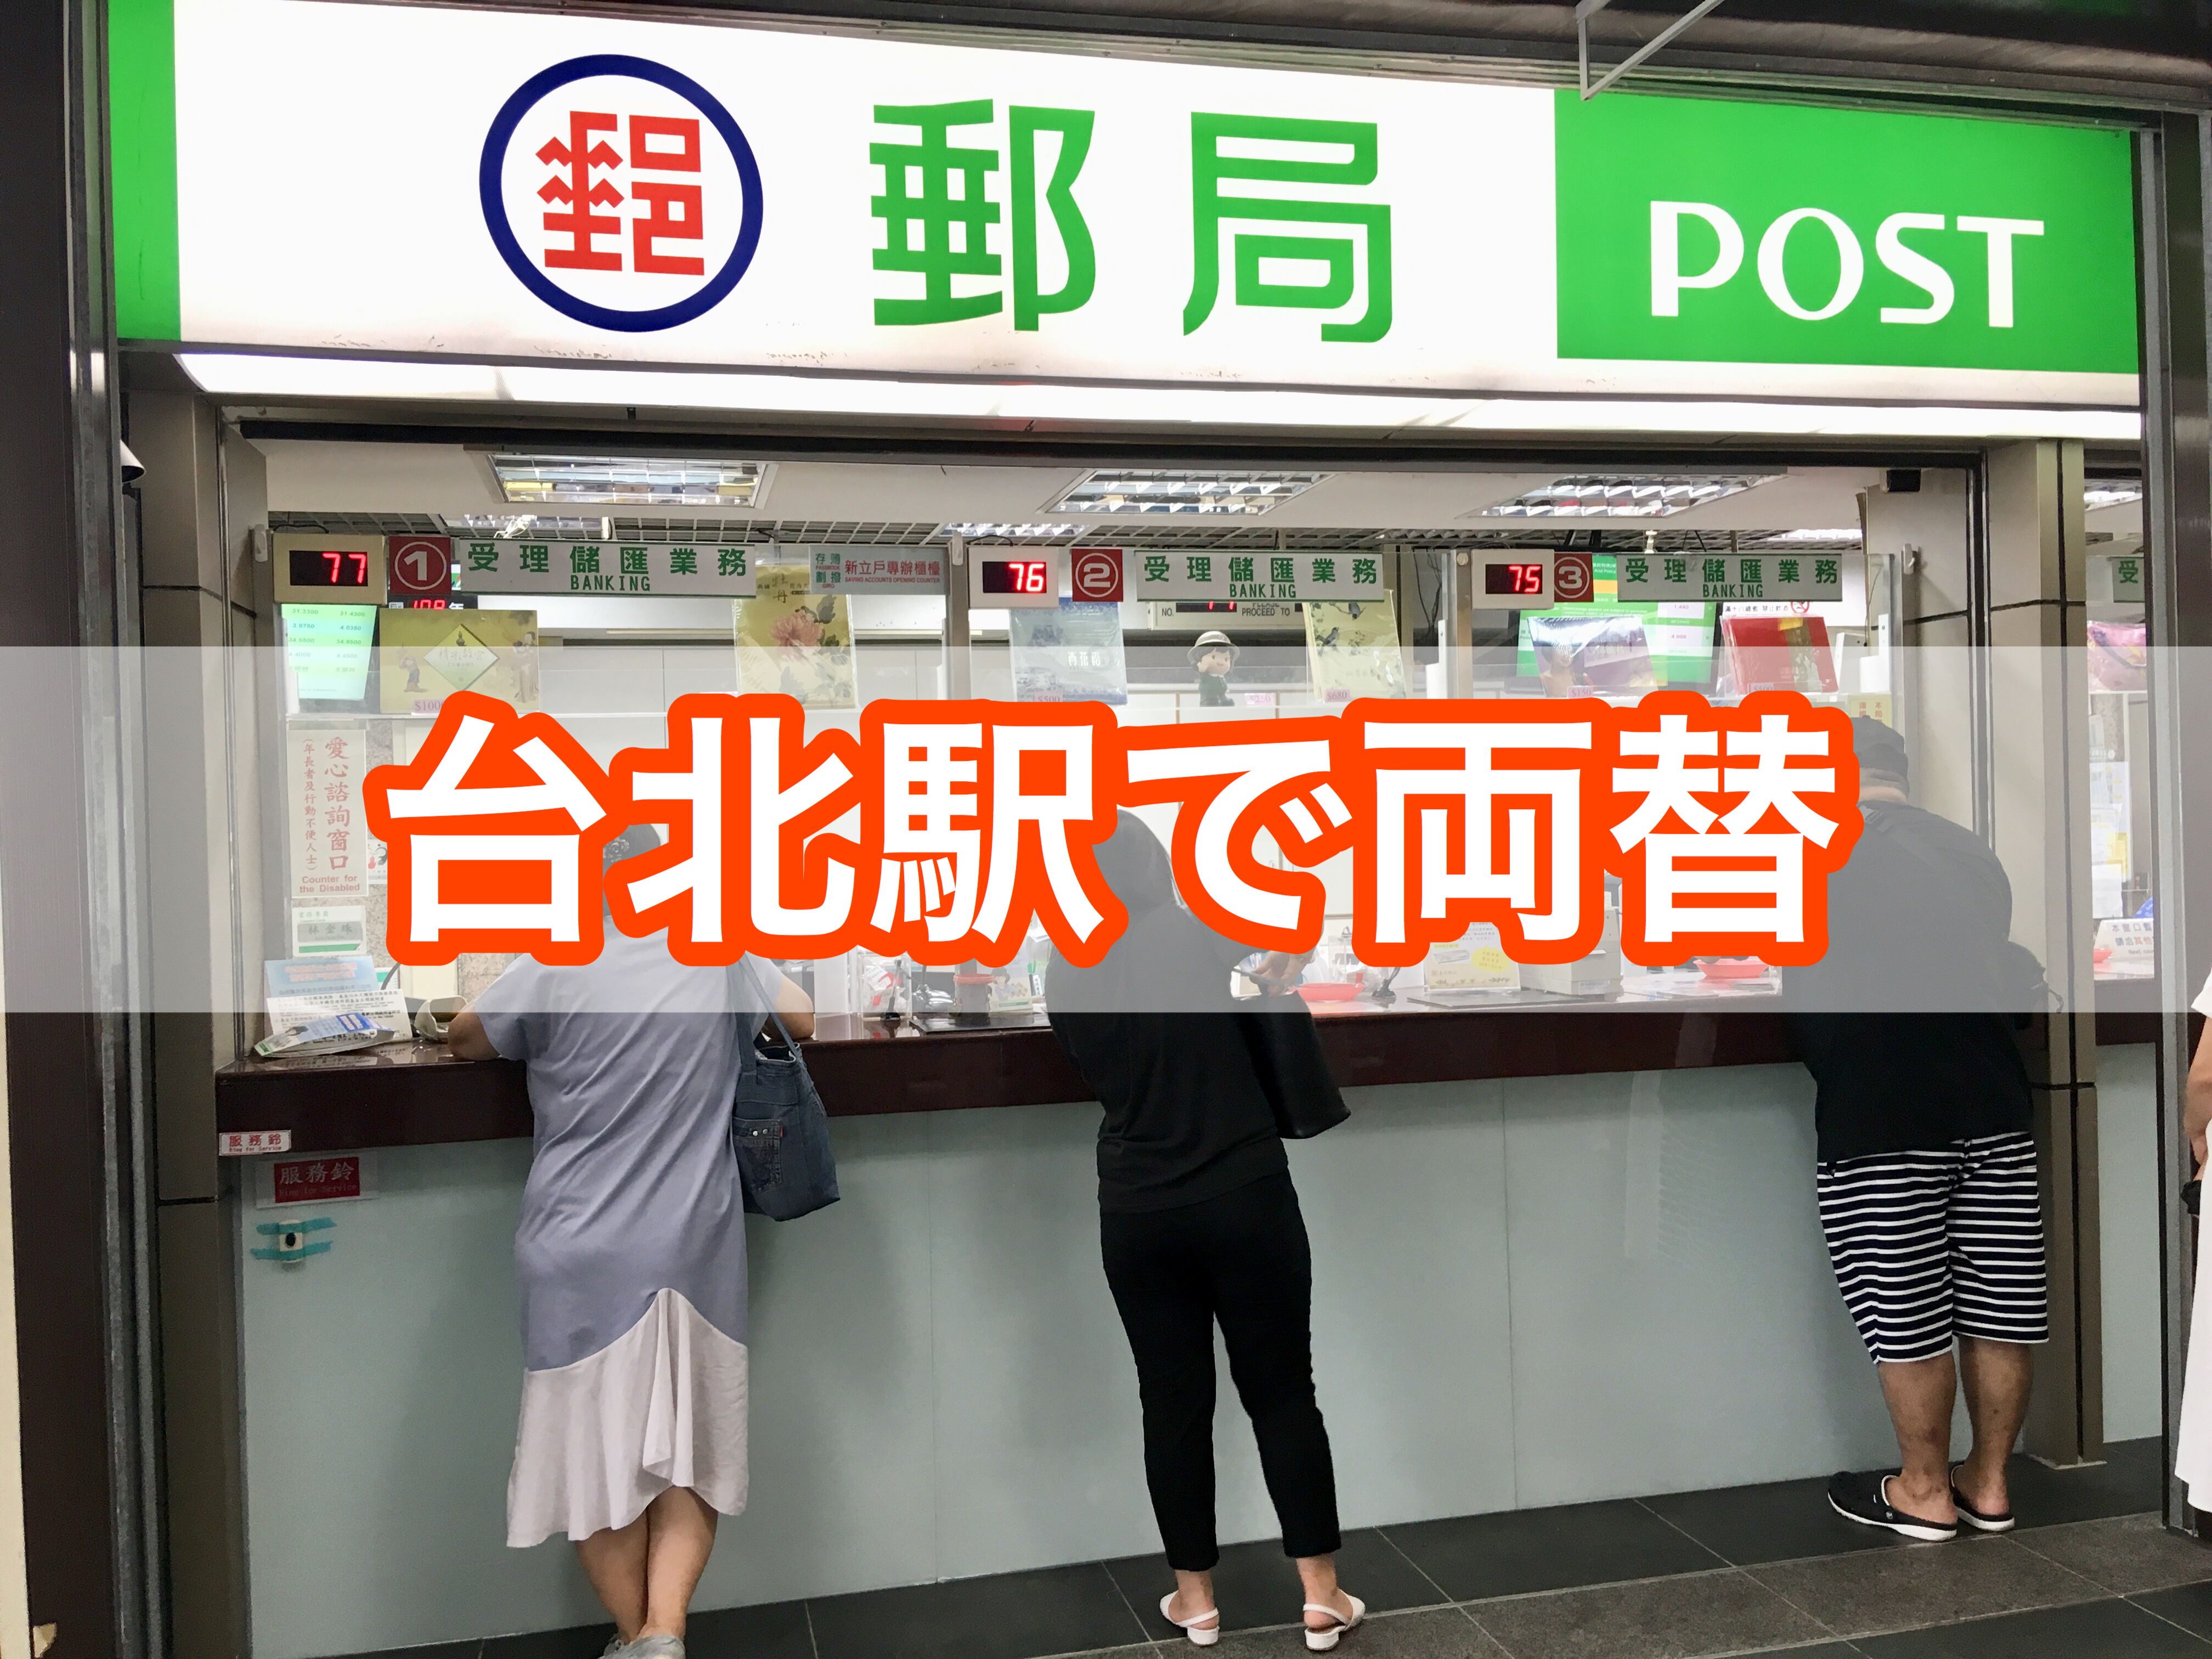 局 両替 郵便 郵便局で両替は出来ないんですか?